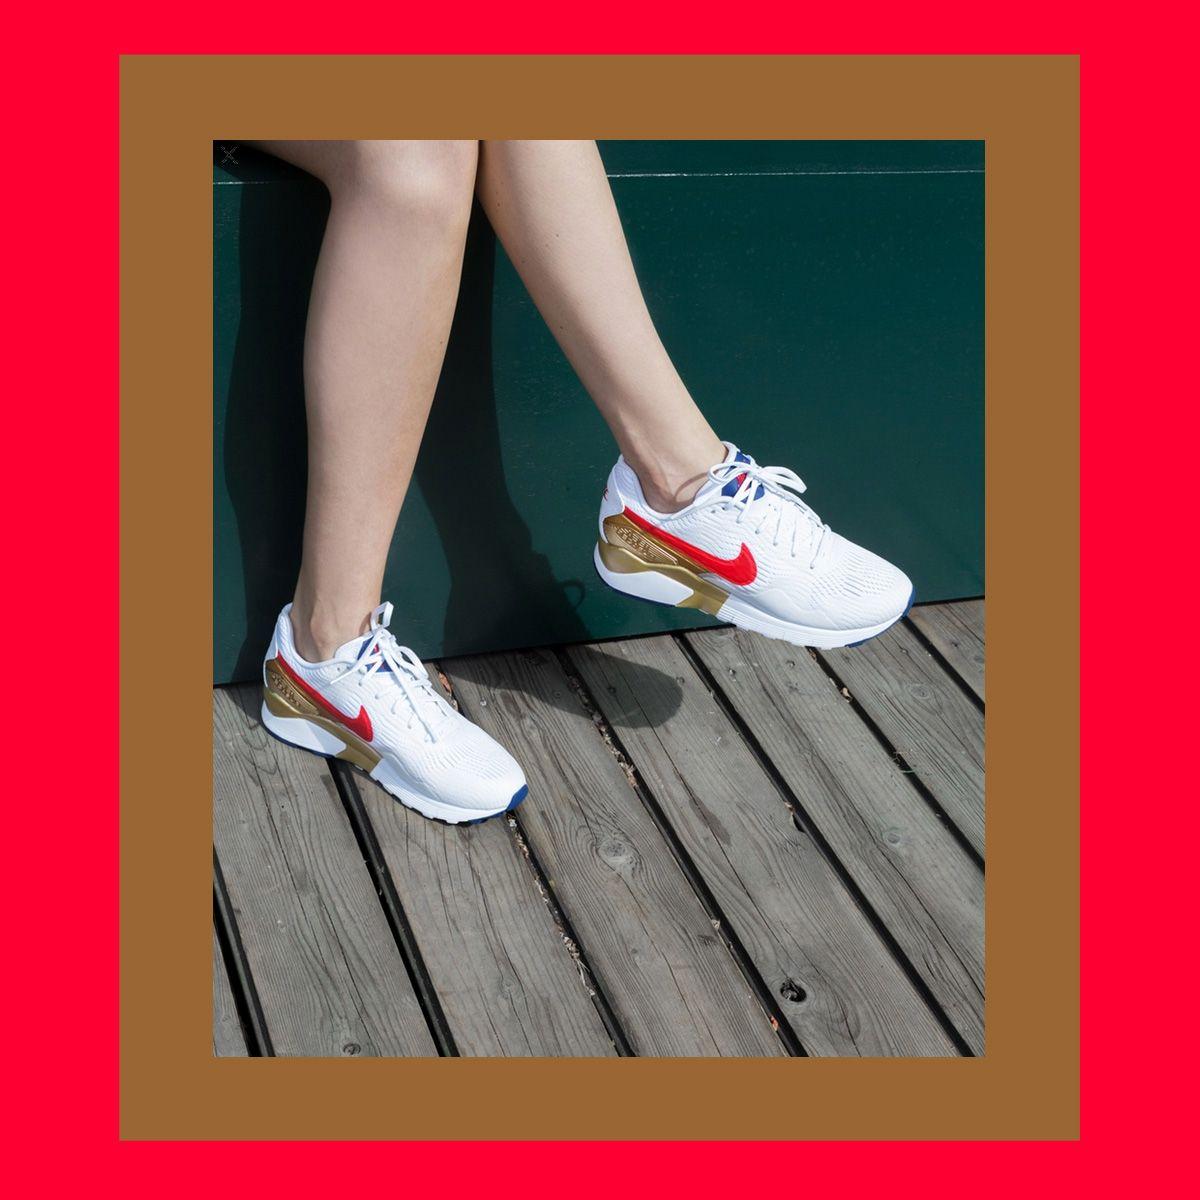 Exklusive Sneaker- Von Nike, Adidas   Co.   Onlineshop Kauf Dich Glücklich 7ed8641aa5